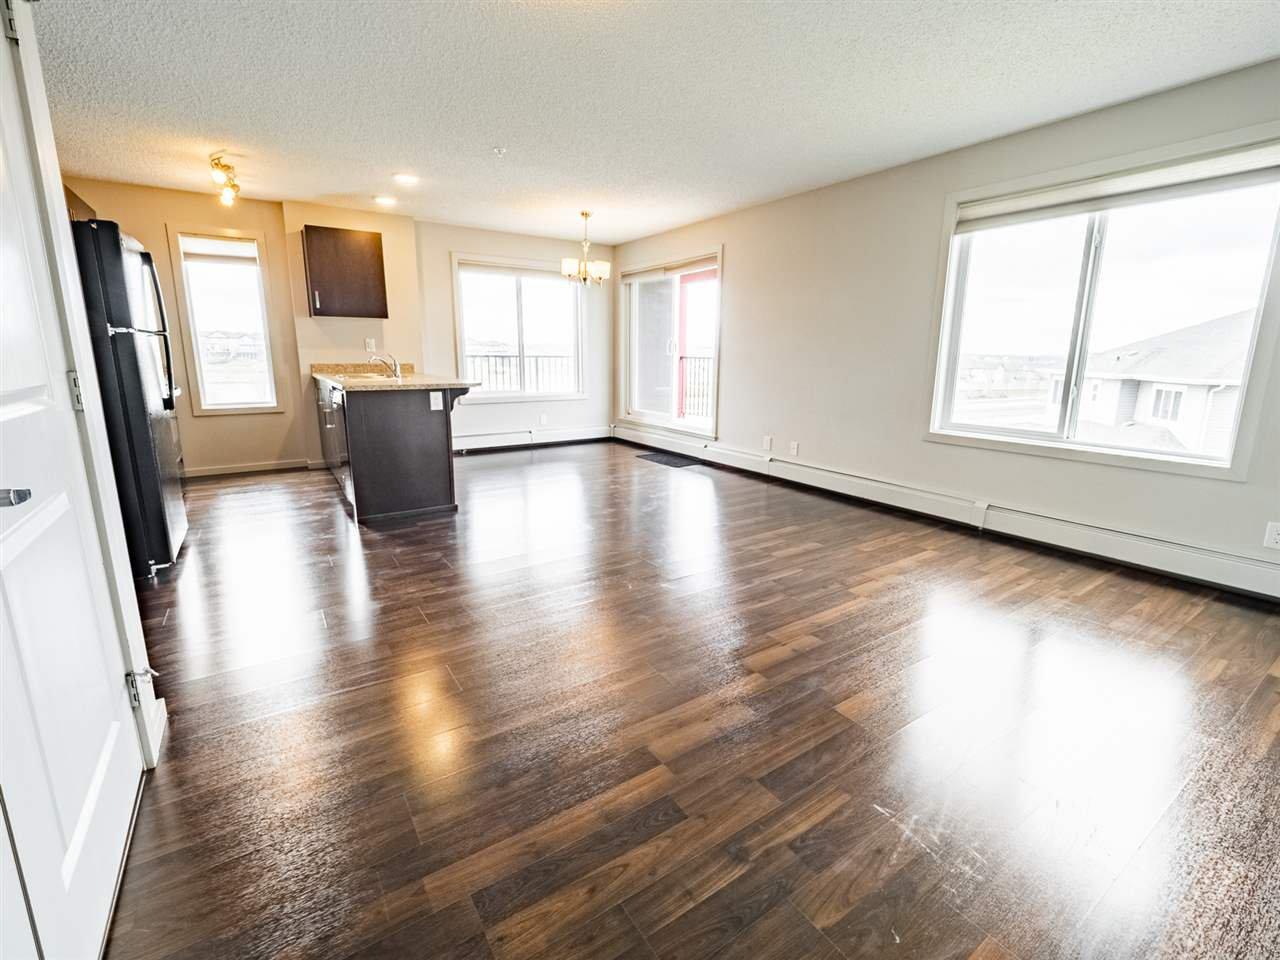 Main Photo: 302 5521 7 Avenue in Edmonton: Zone 53 Condo for sale : MLS®# E4196954